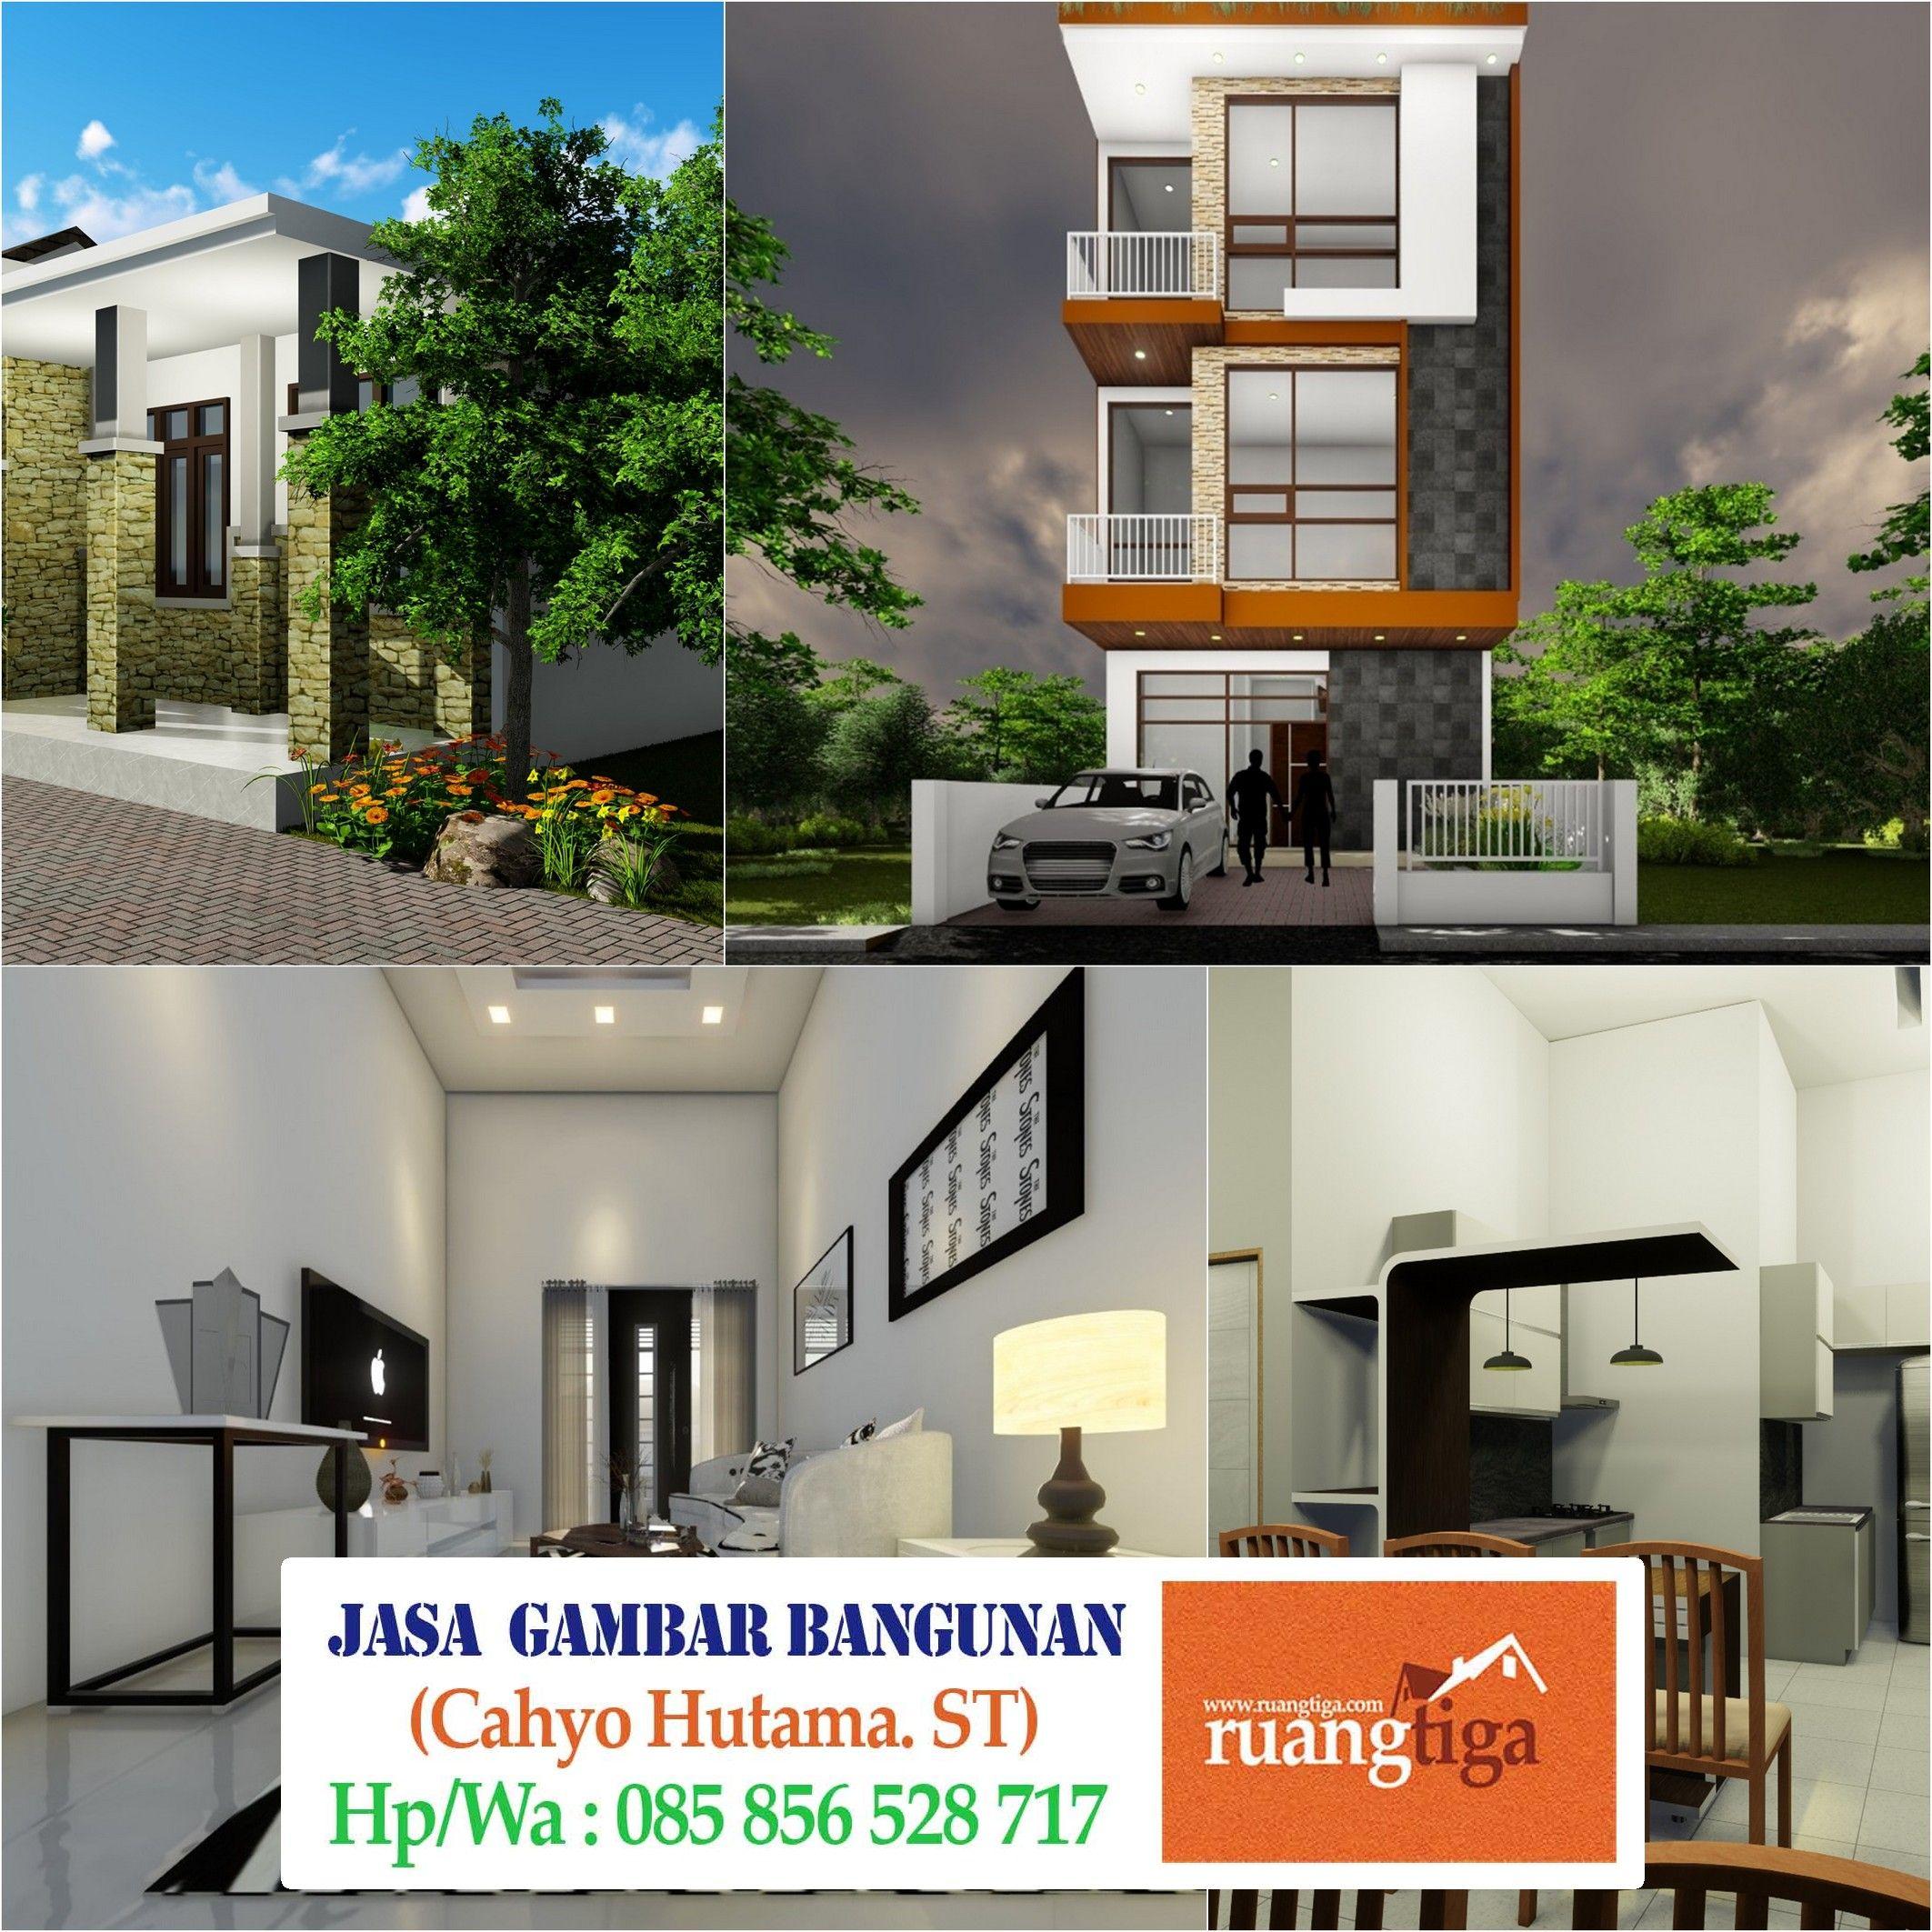 085856528717 Jasa Visualisasi 3d Harga Jasa Render 3d Jasa Desain 3d Produk Jasa 3d Sketchup Di 2020 Arsitektur Rumah Renovasi Rumah Desain